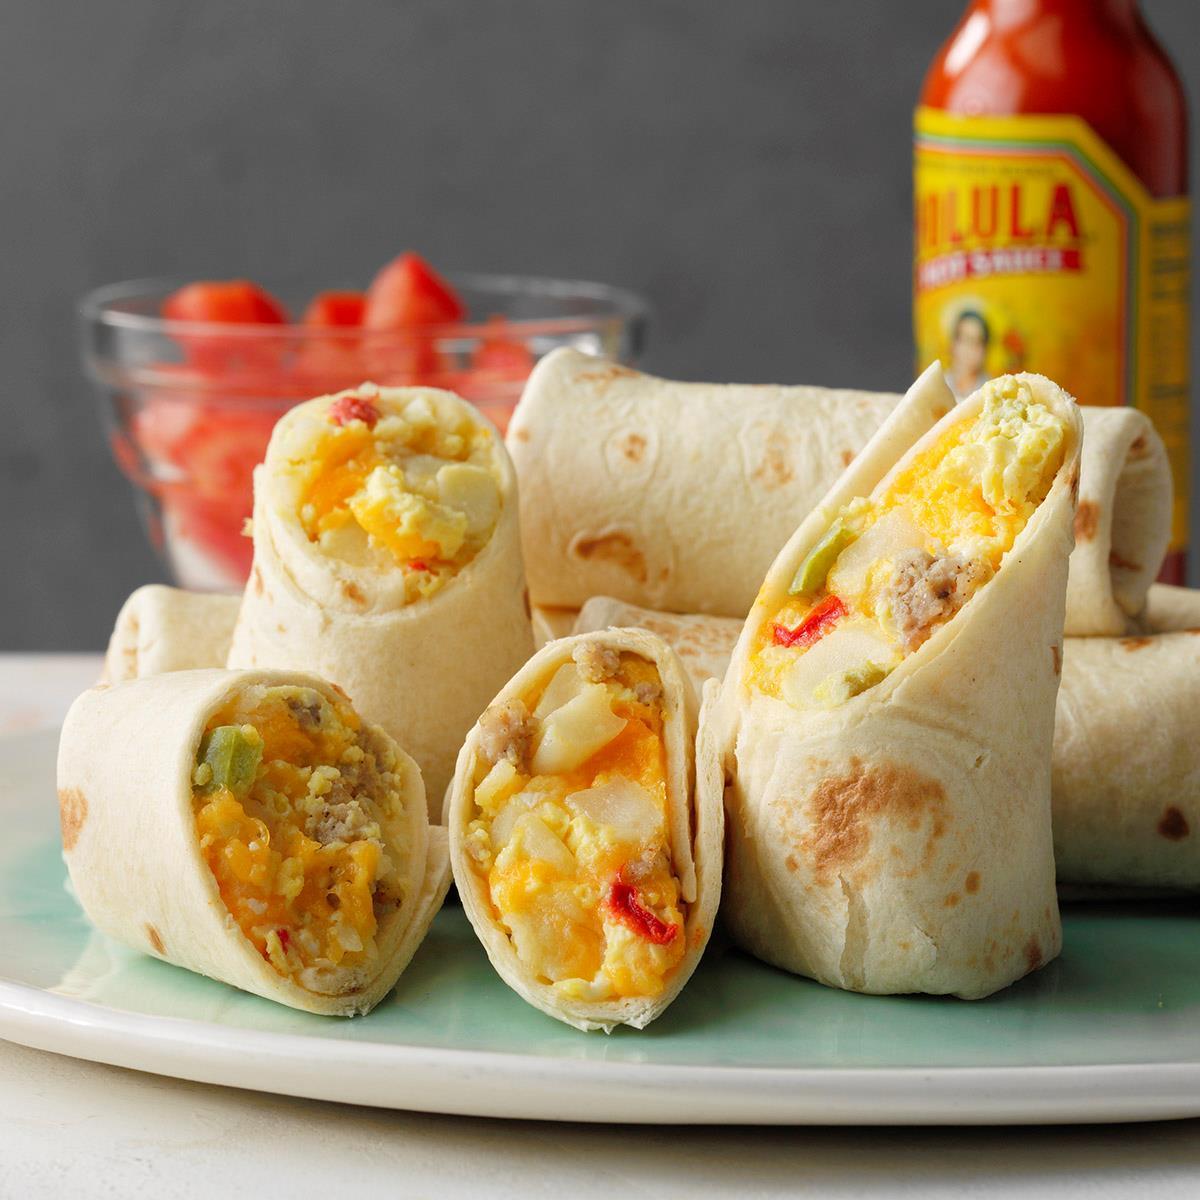 Slow-Cooker Breakfast Burritos